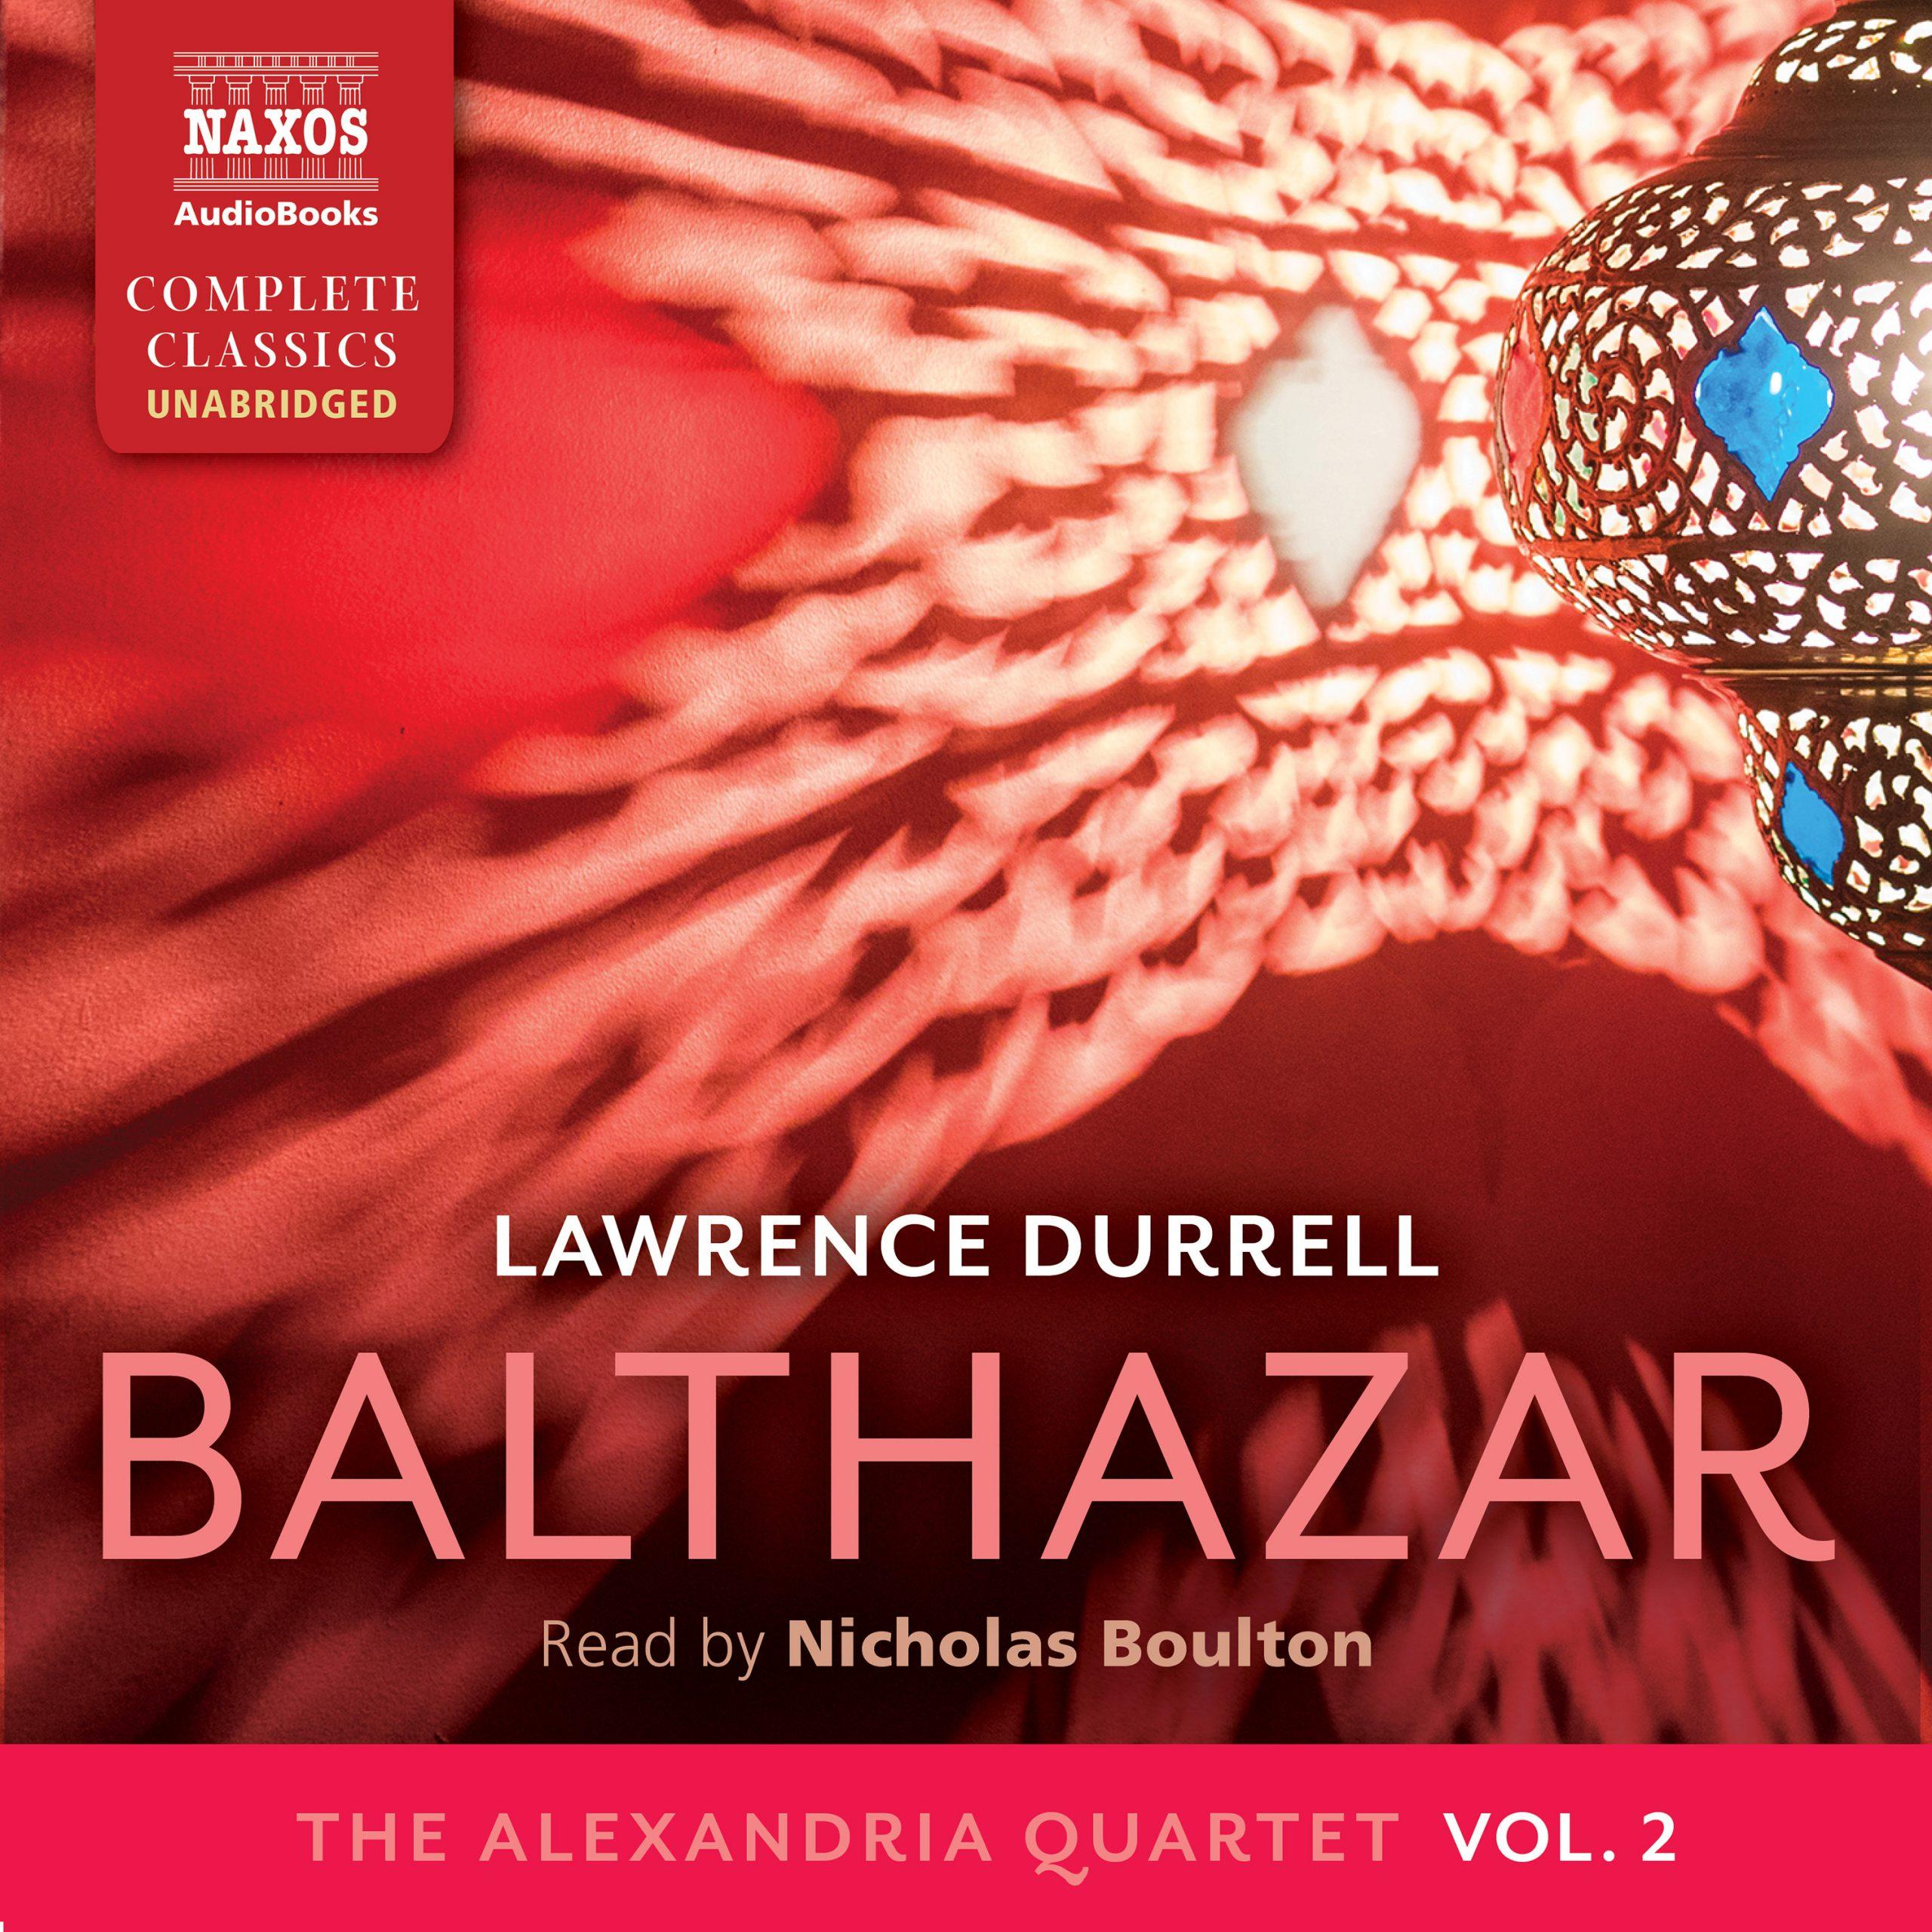 Balthazar (unabridged)